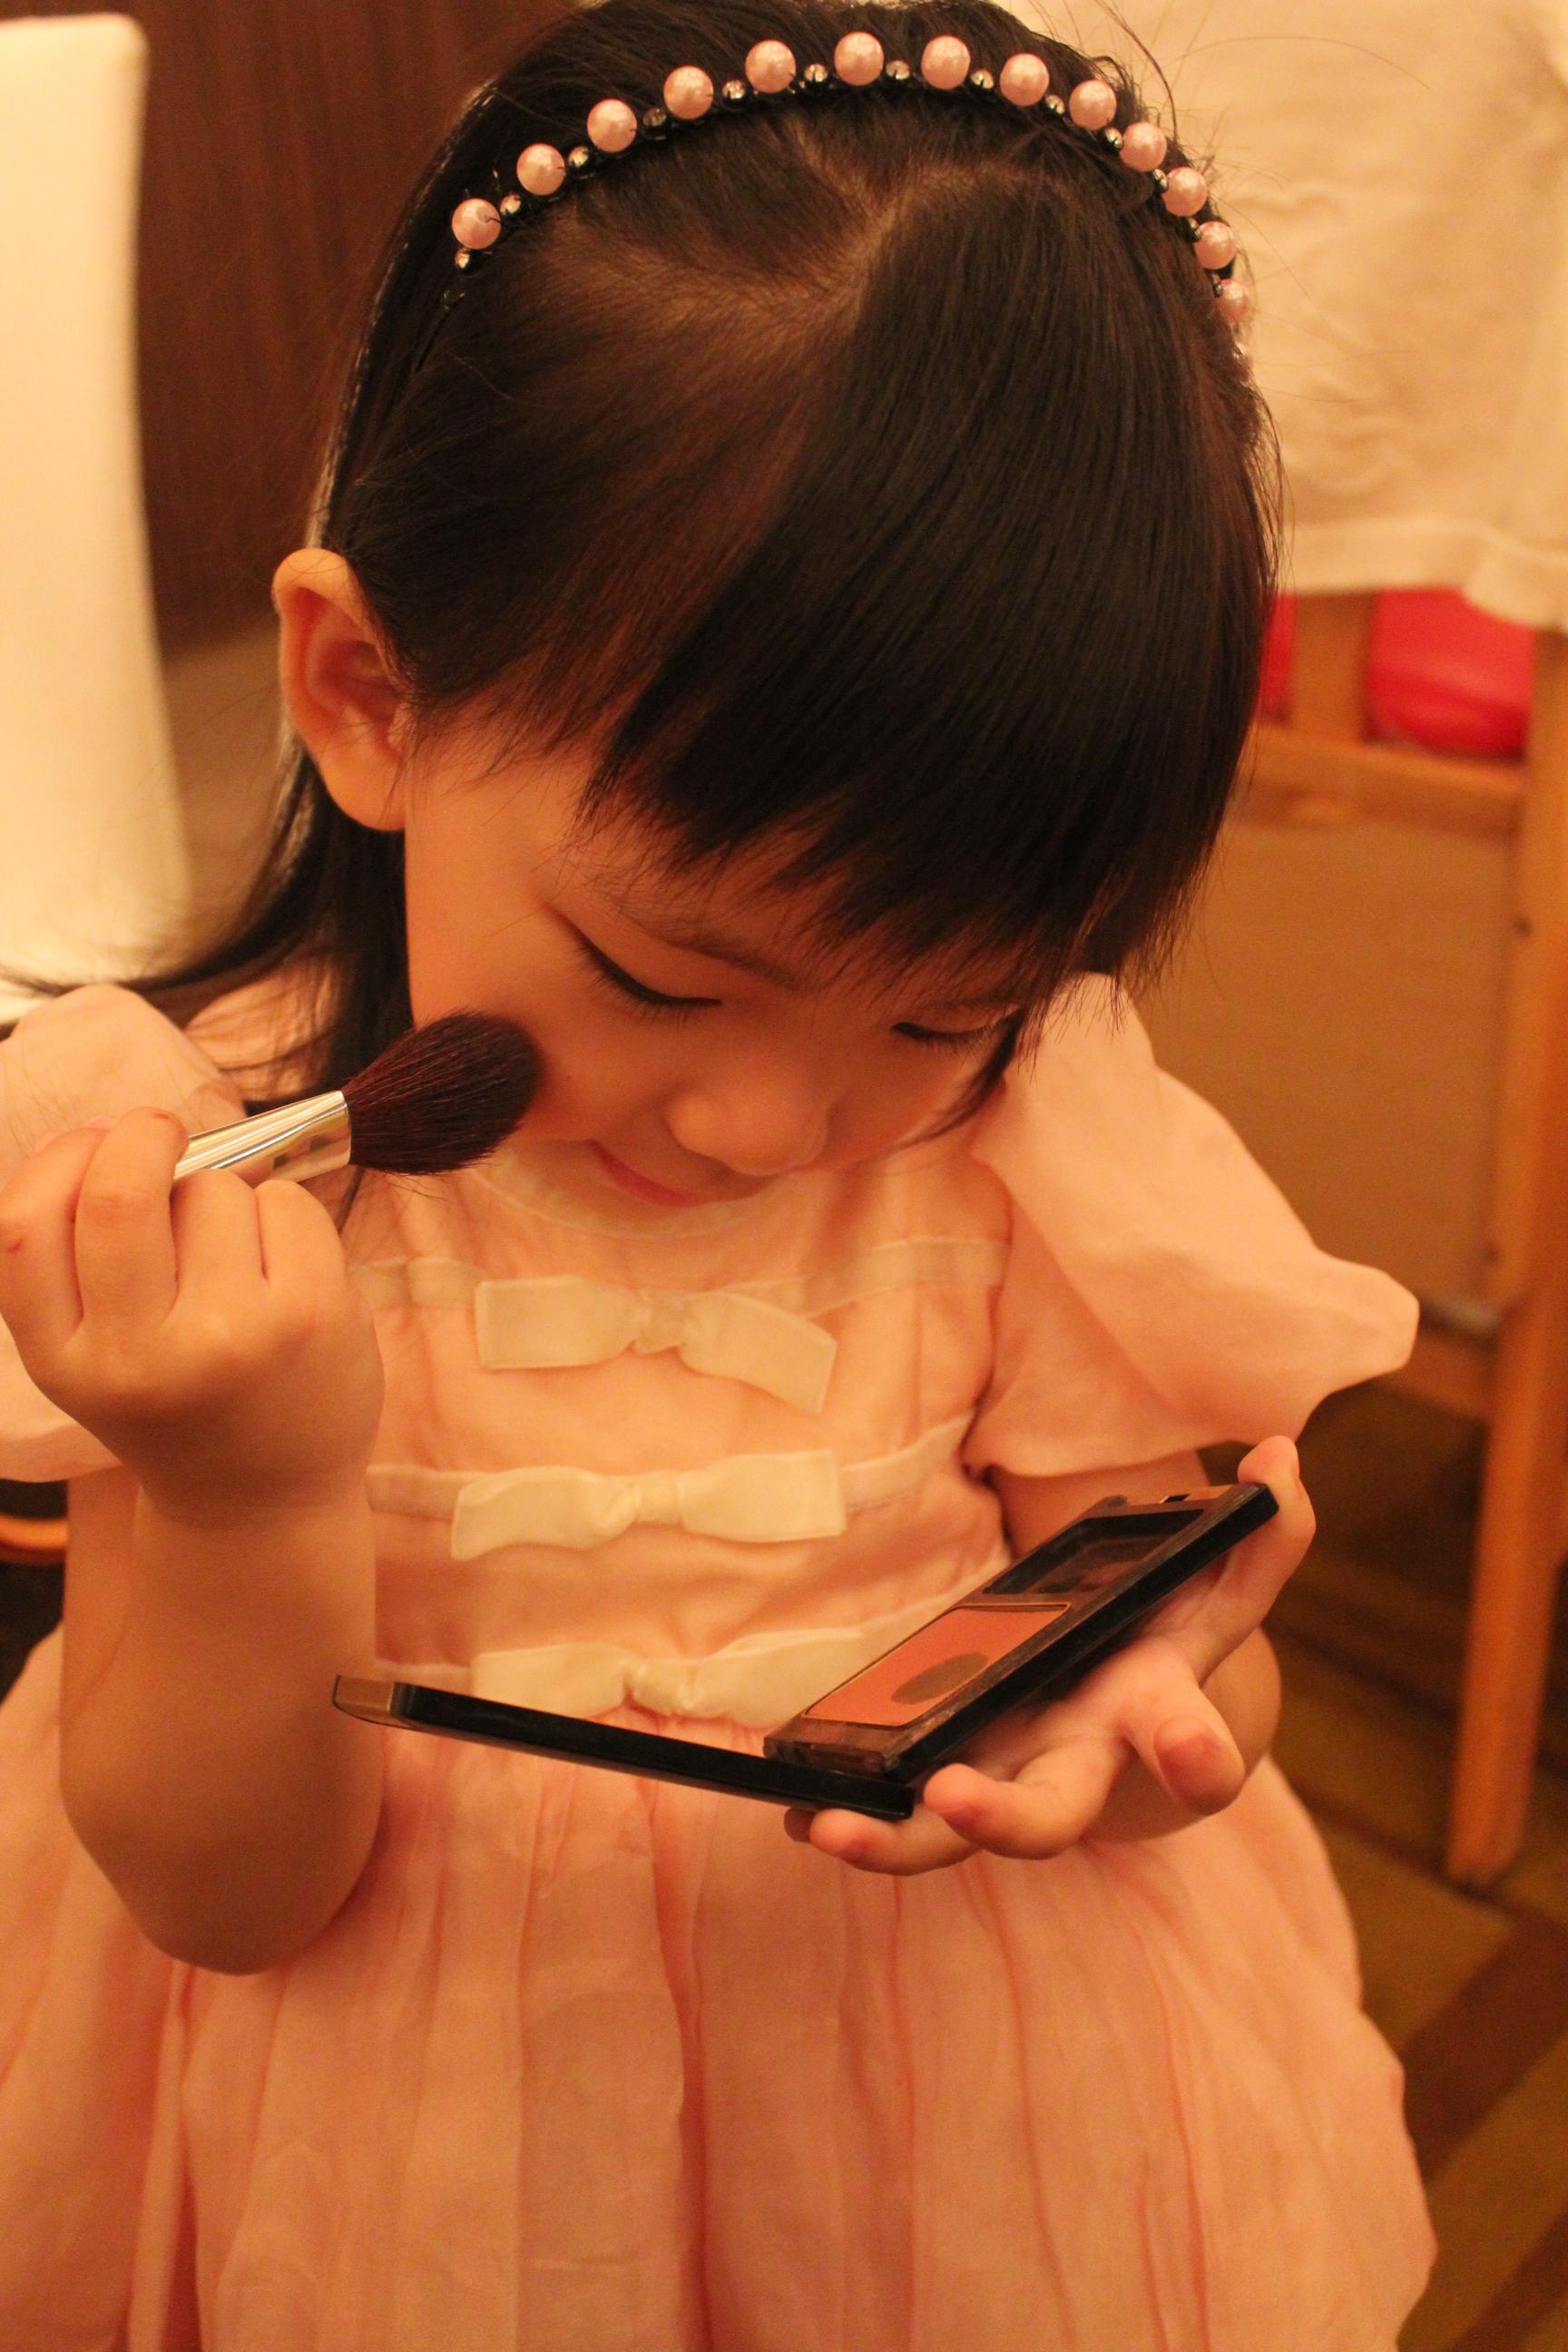 こっそりセフロリ画像スレ [無断転載禁止]©2ch.net ->画像>452枚